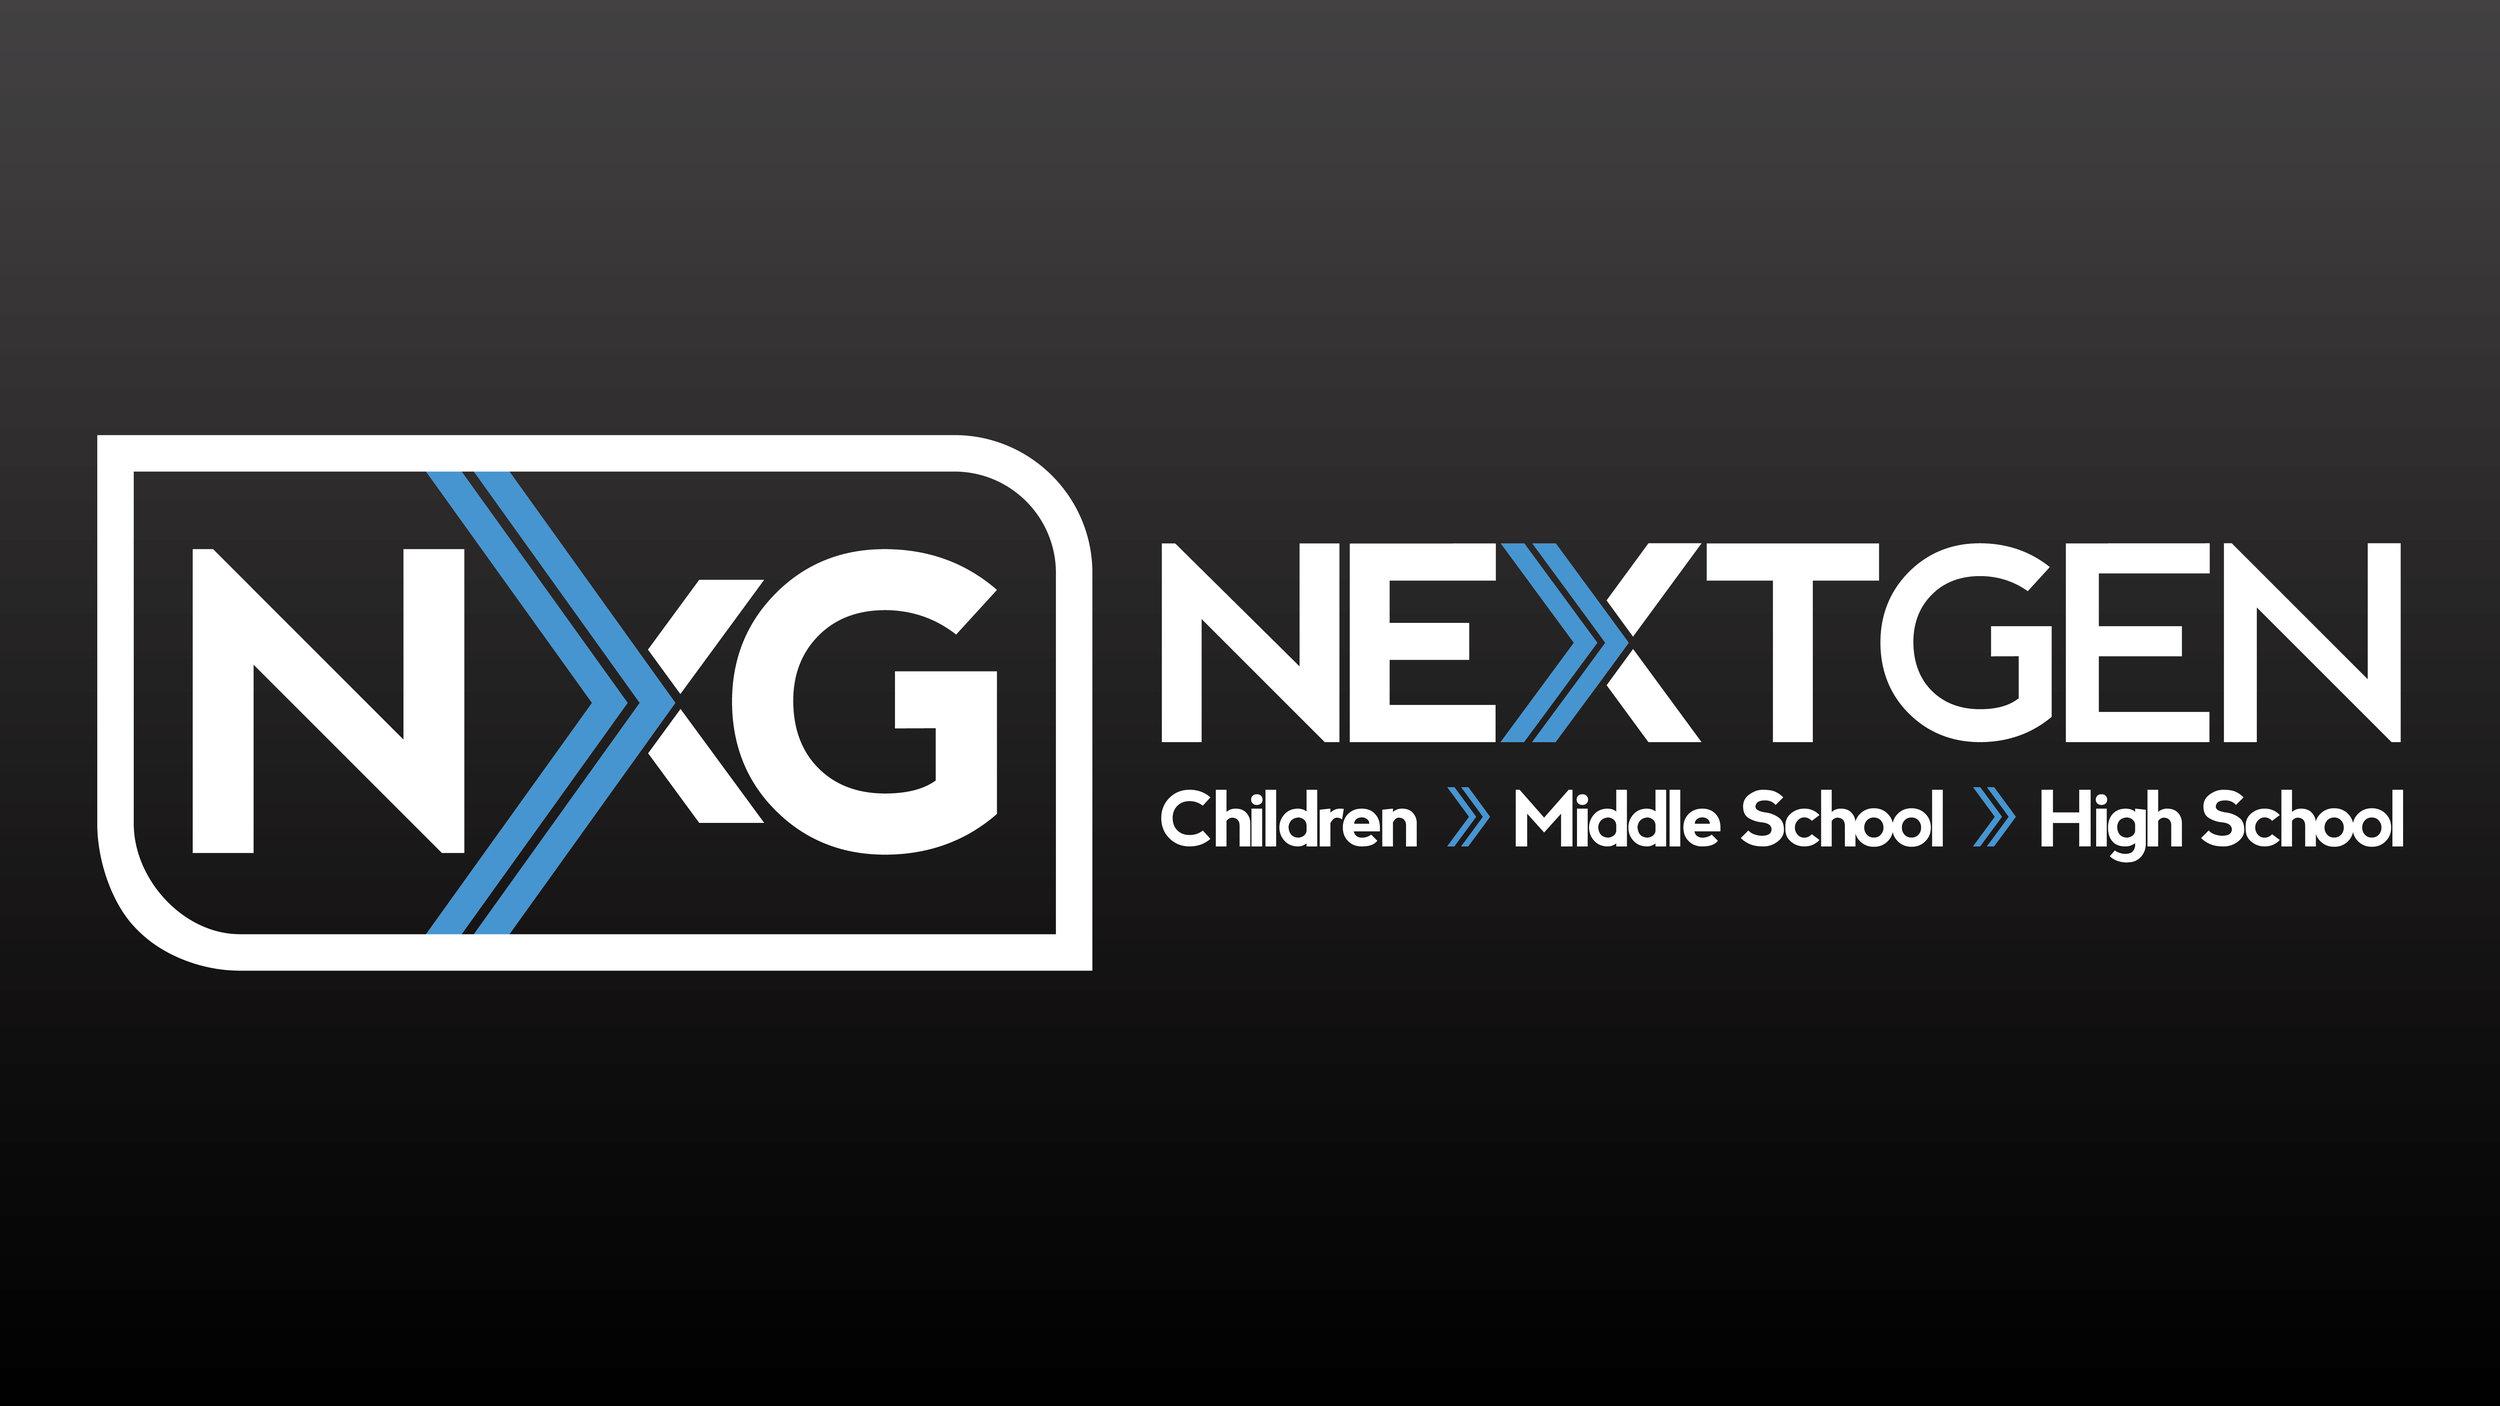 NextGen — Save One (2015)